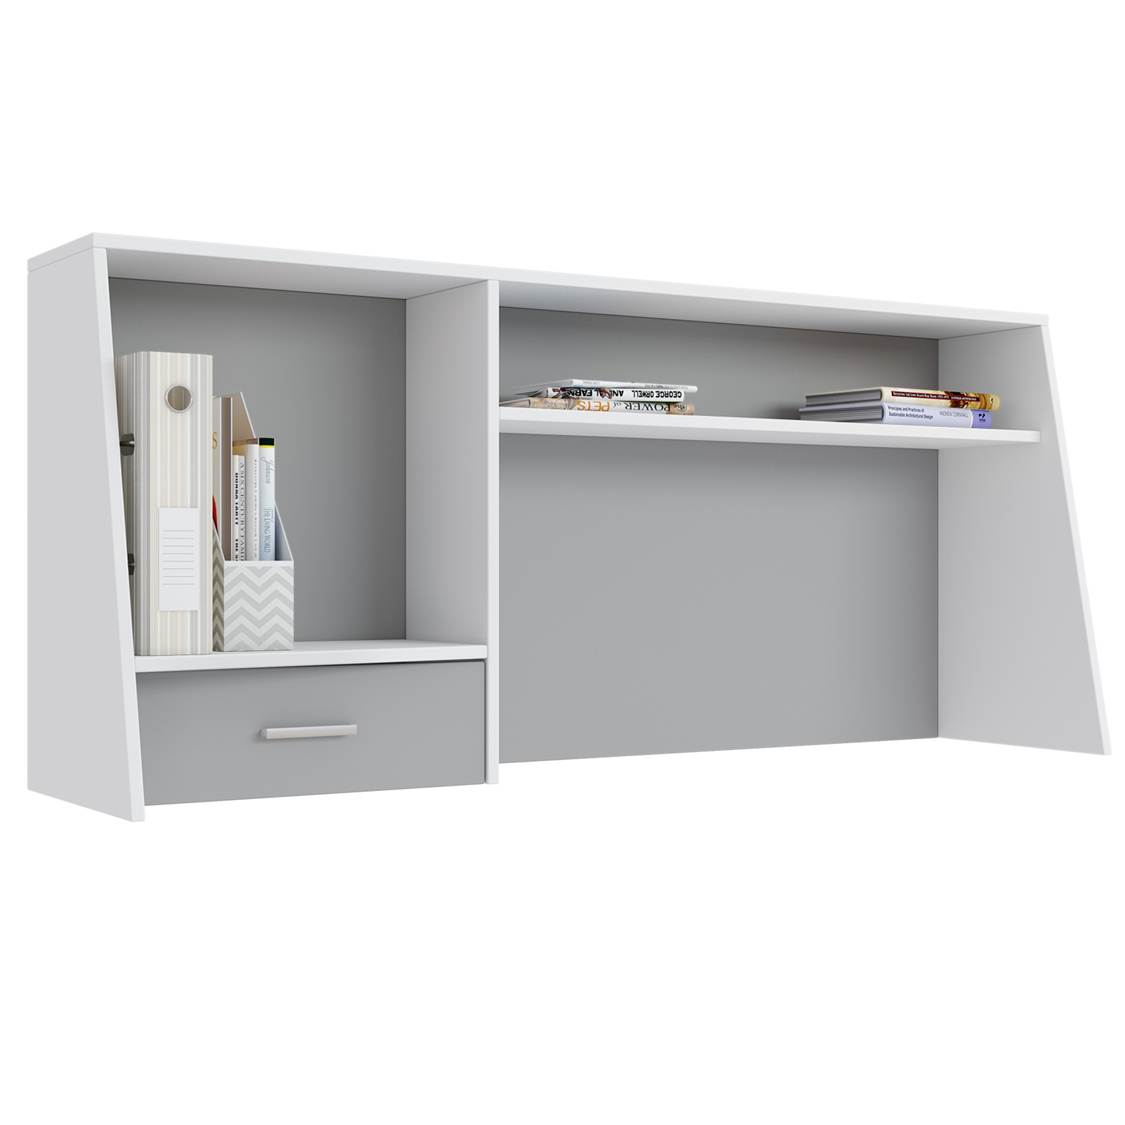 Надстройка для cтола Polini kids Aviv 1450 с ящиком и полкой, белый/серый